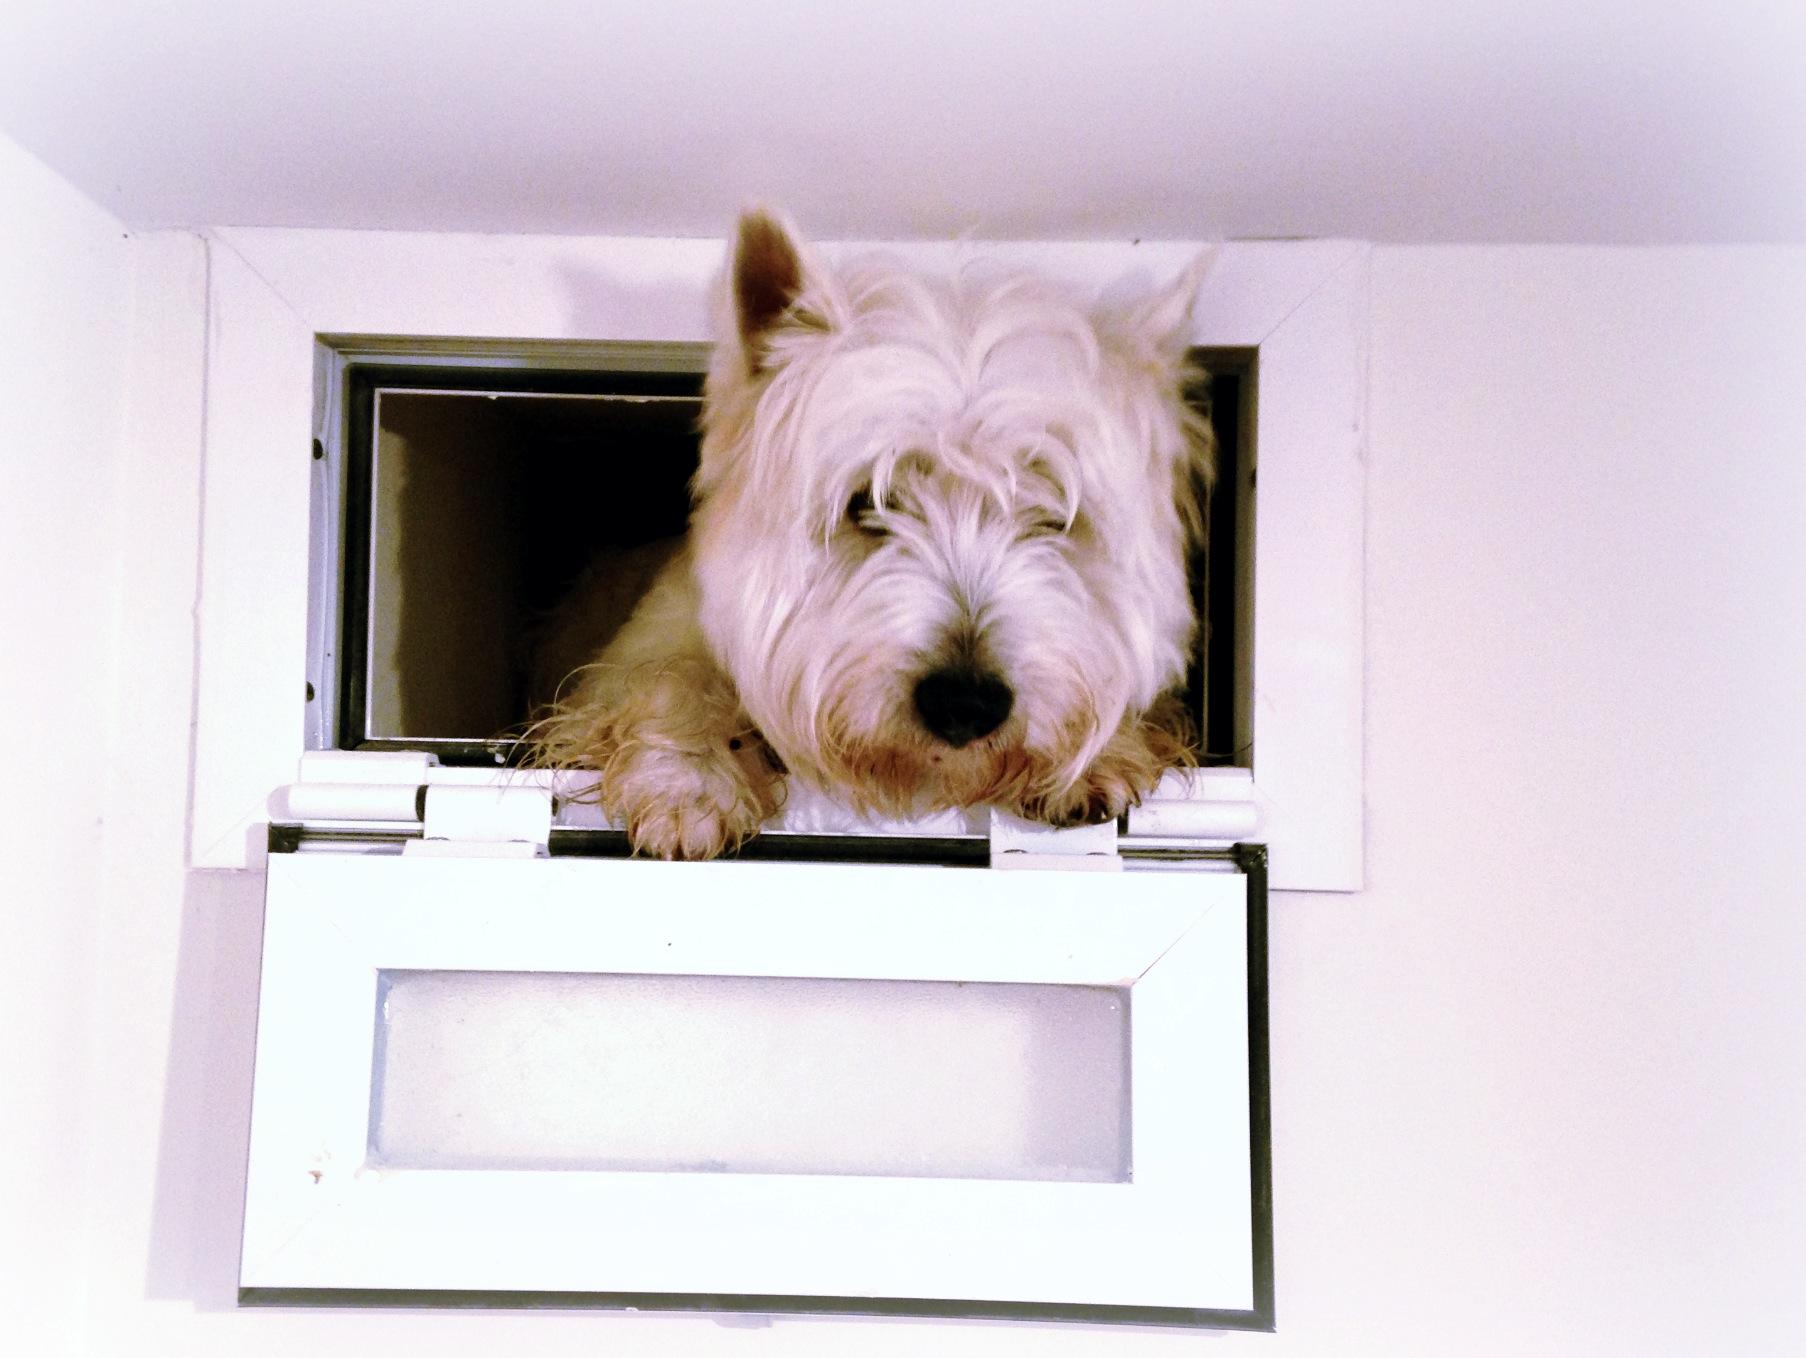 Pequeño Saltamontes Demerino intentando entrar en casa por la ventana